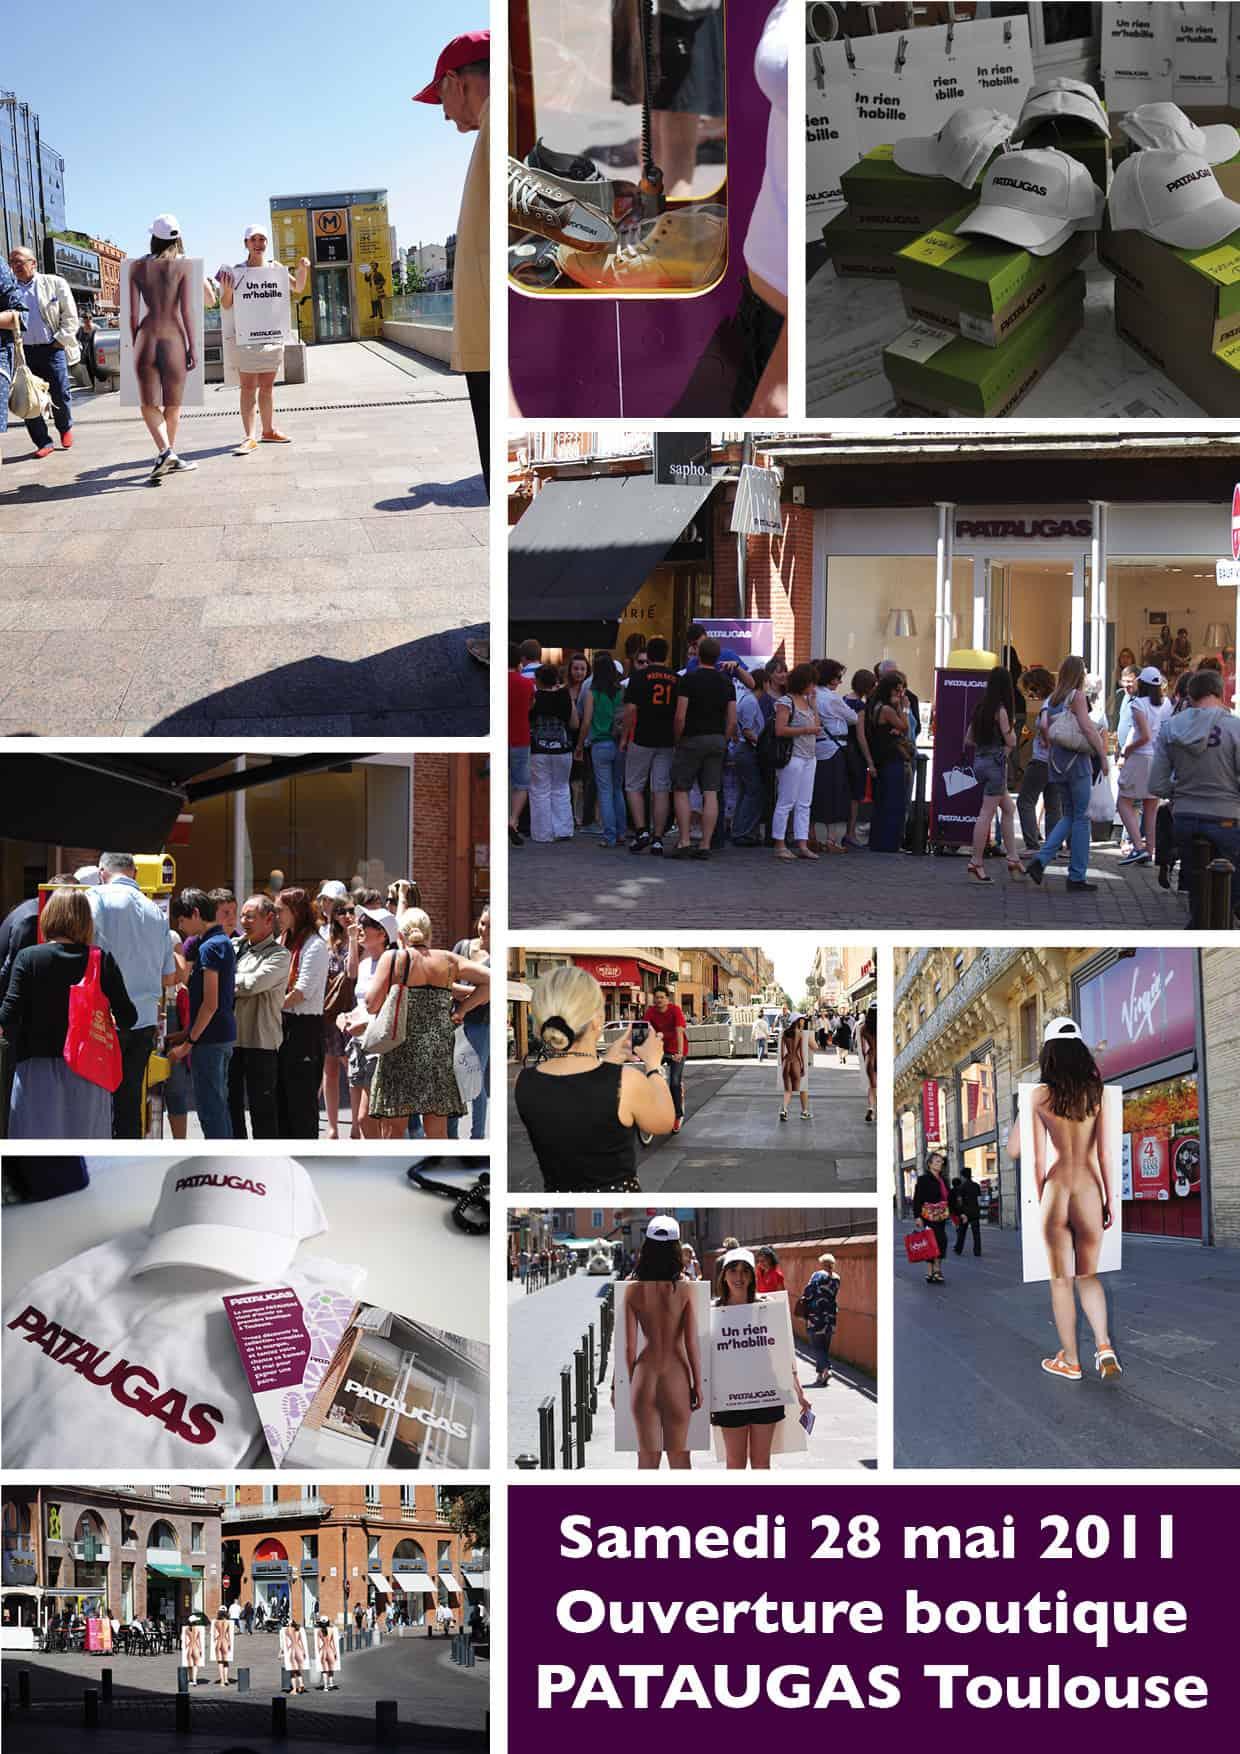 Opération Street marketing Pataugas